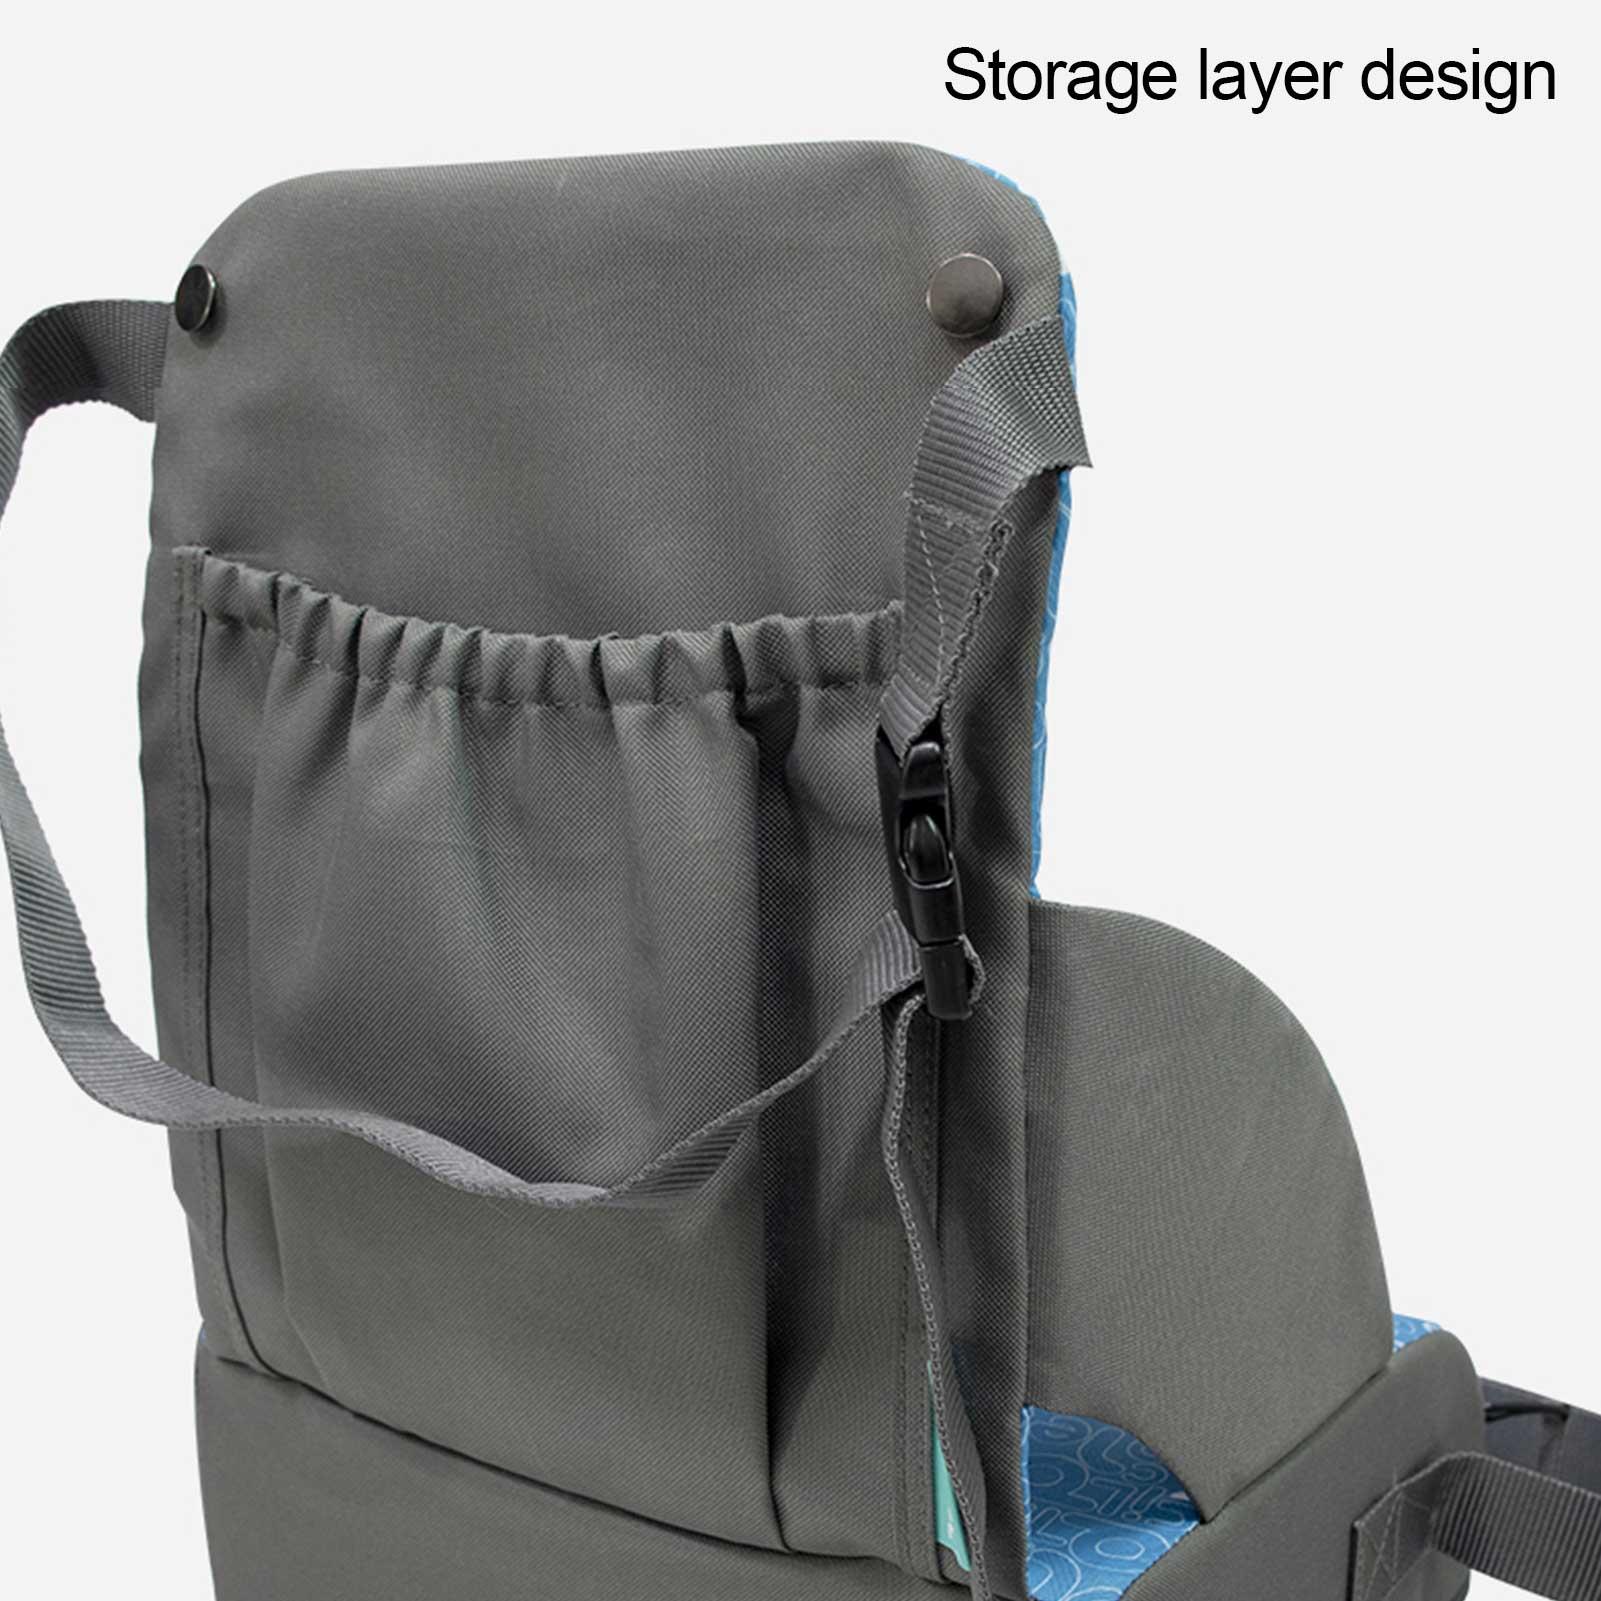 Детское кресло, складной моющийся высокий обеденный чехол для новорожденных, ремень безопасности, аксессуары для кормления и ухода за ребенком, для путешествий 5